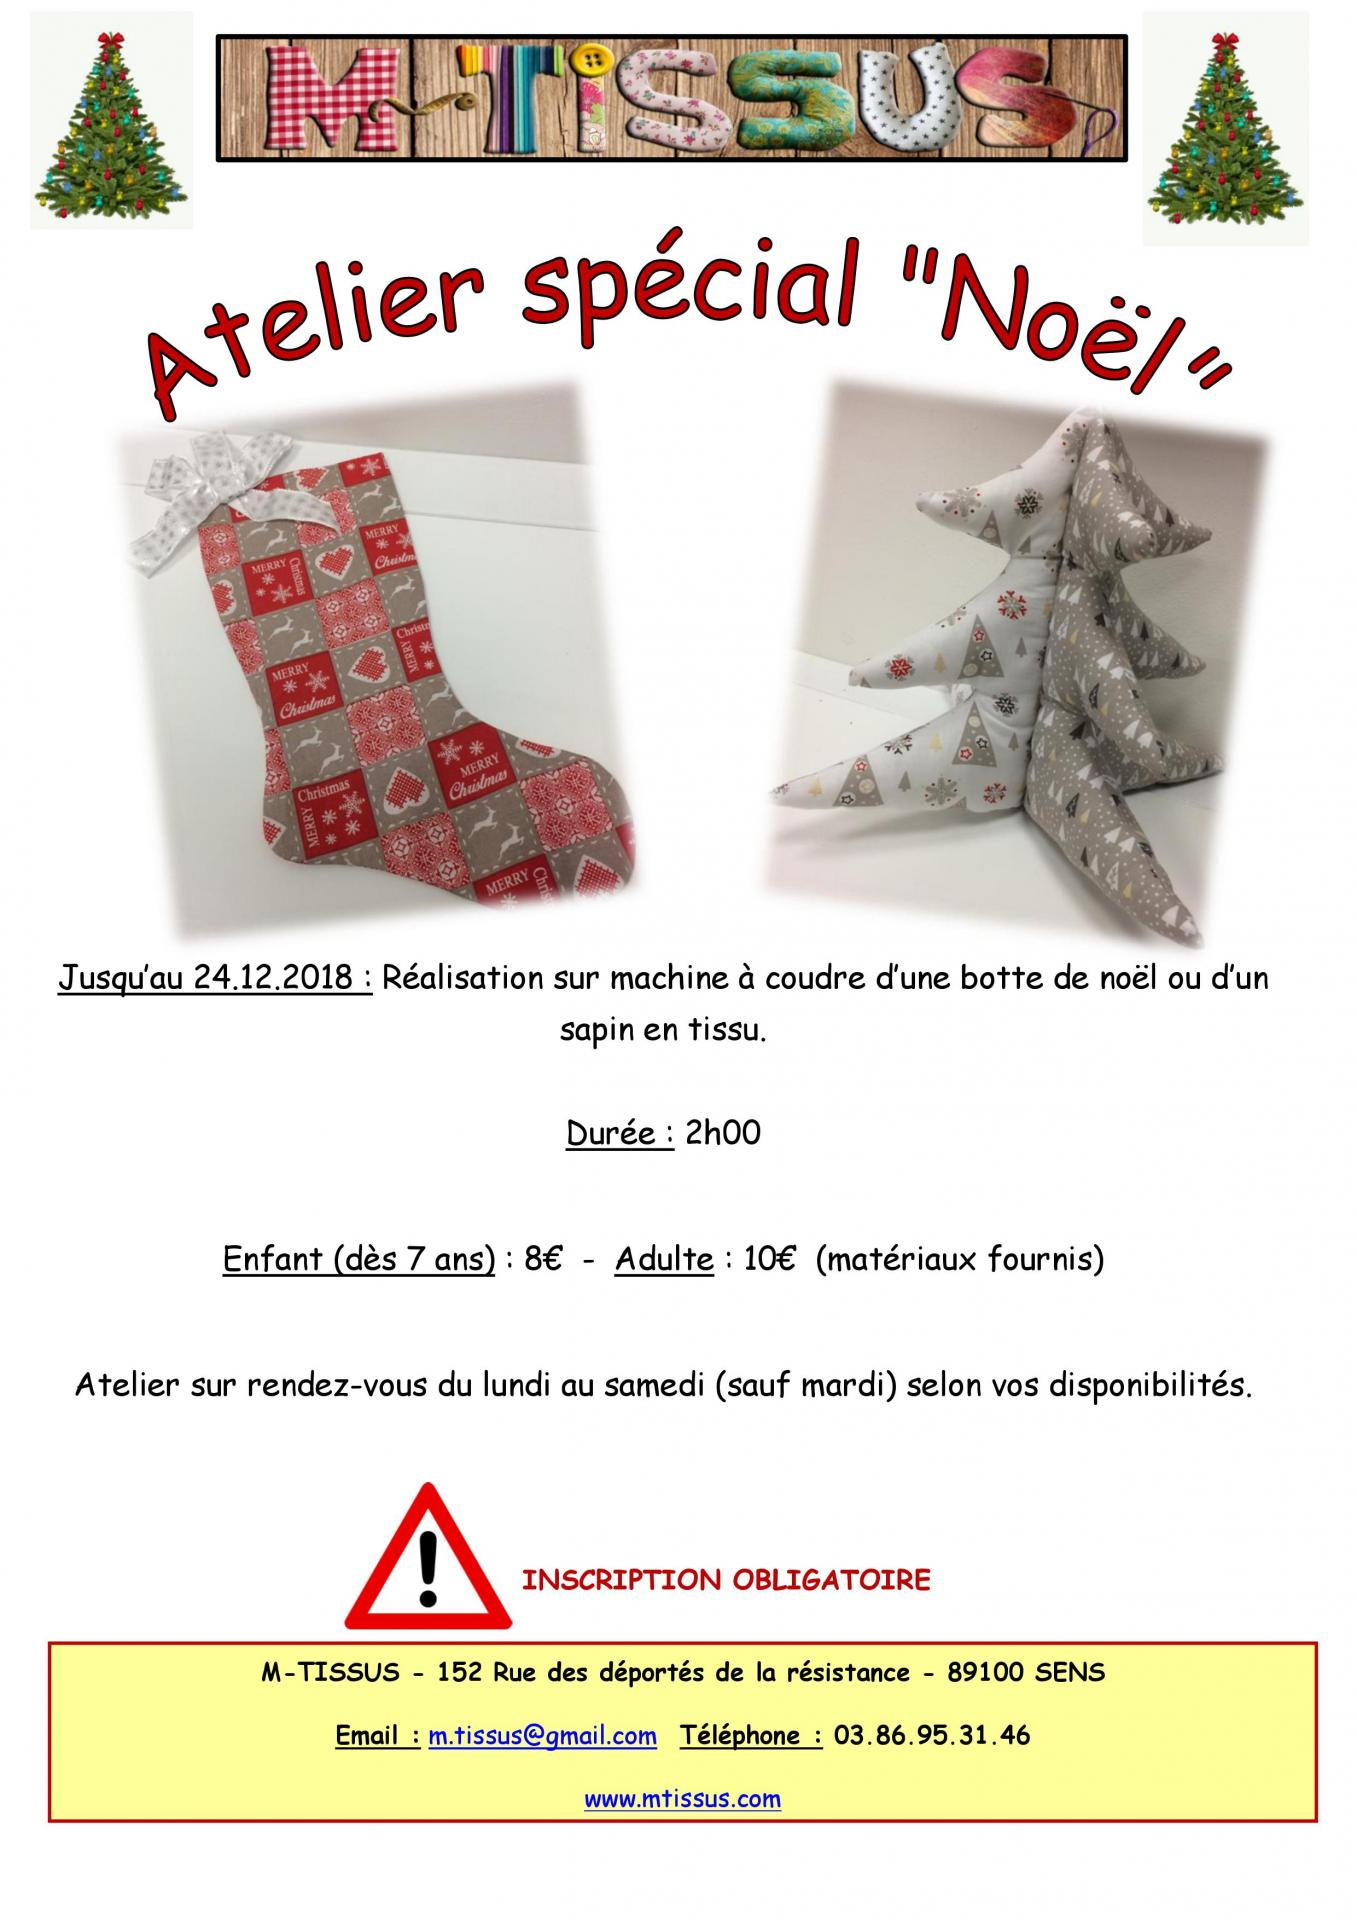 Ateliers noel 2018